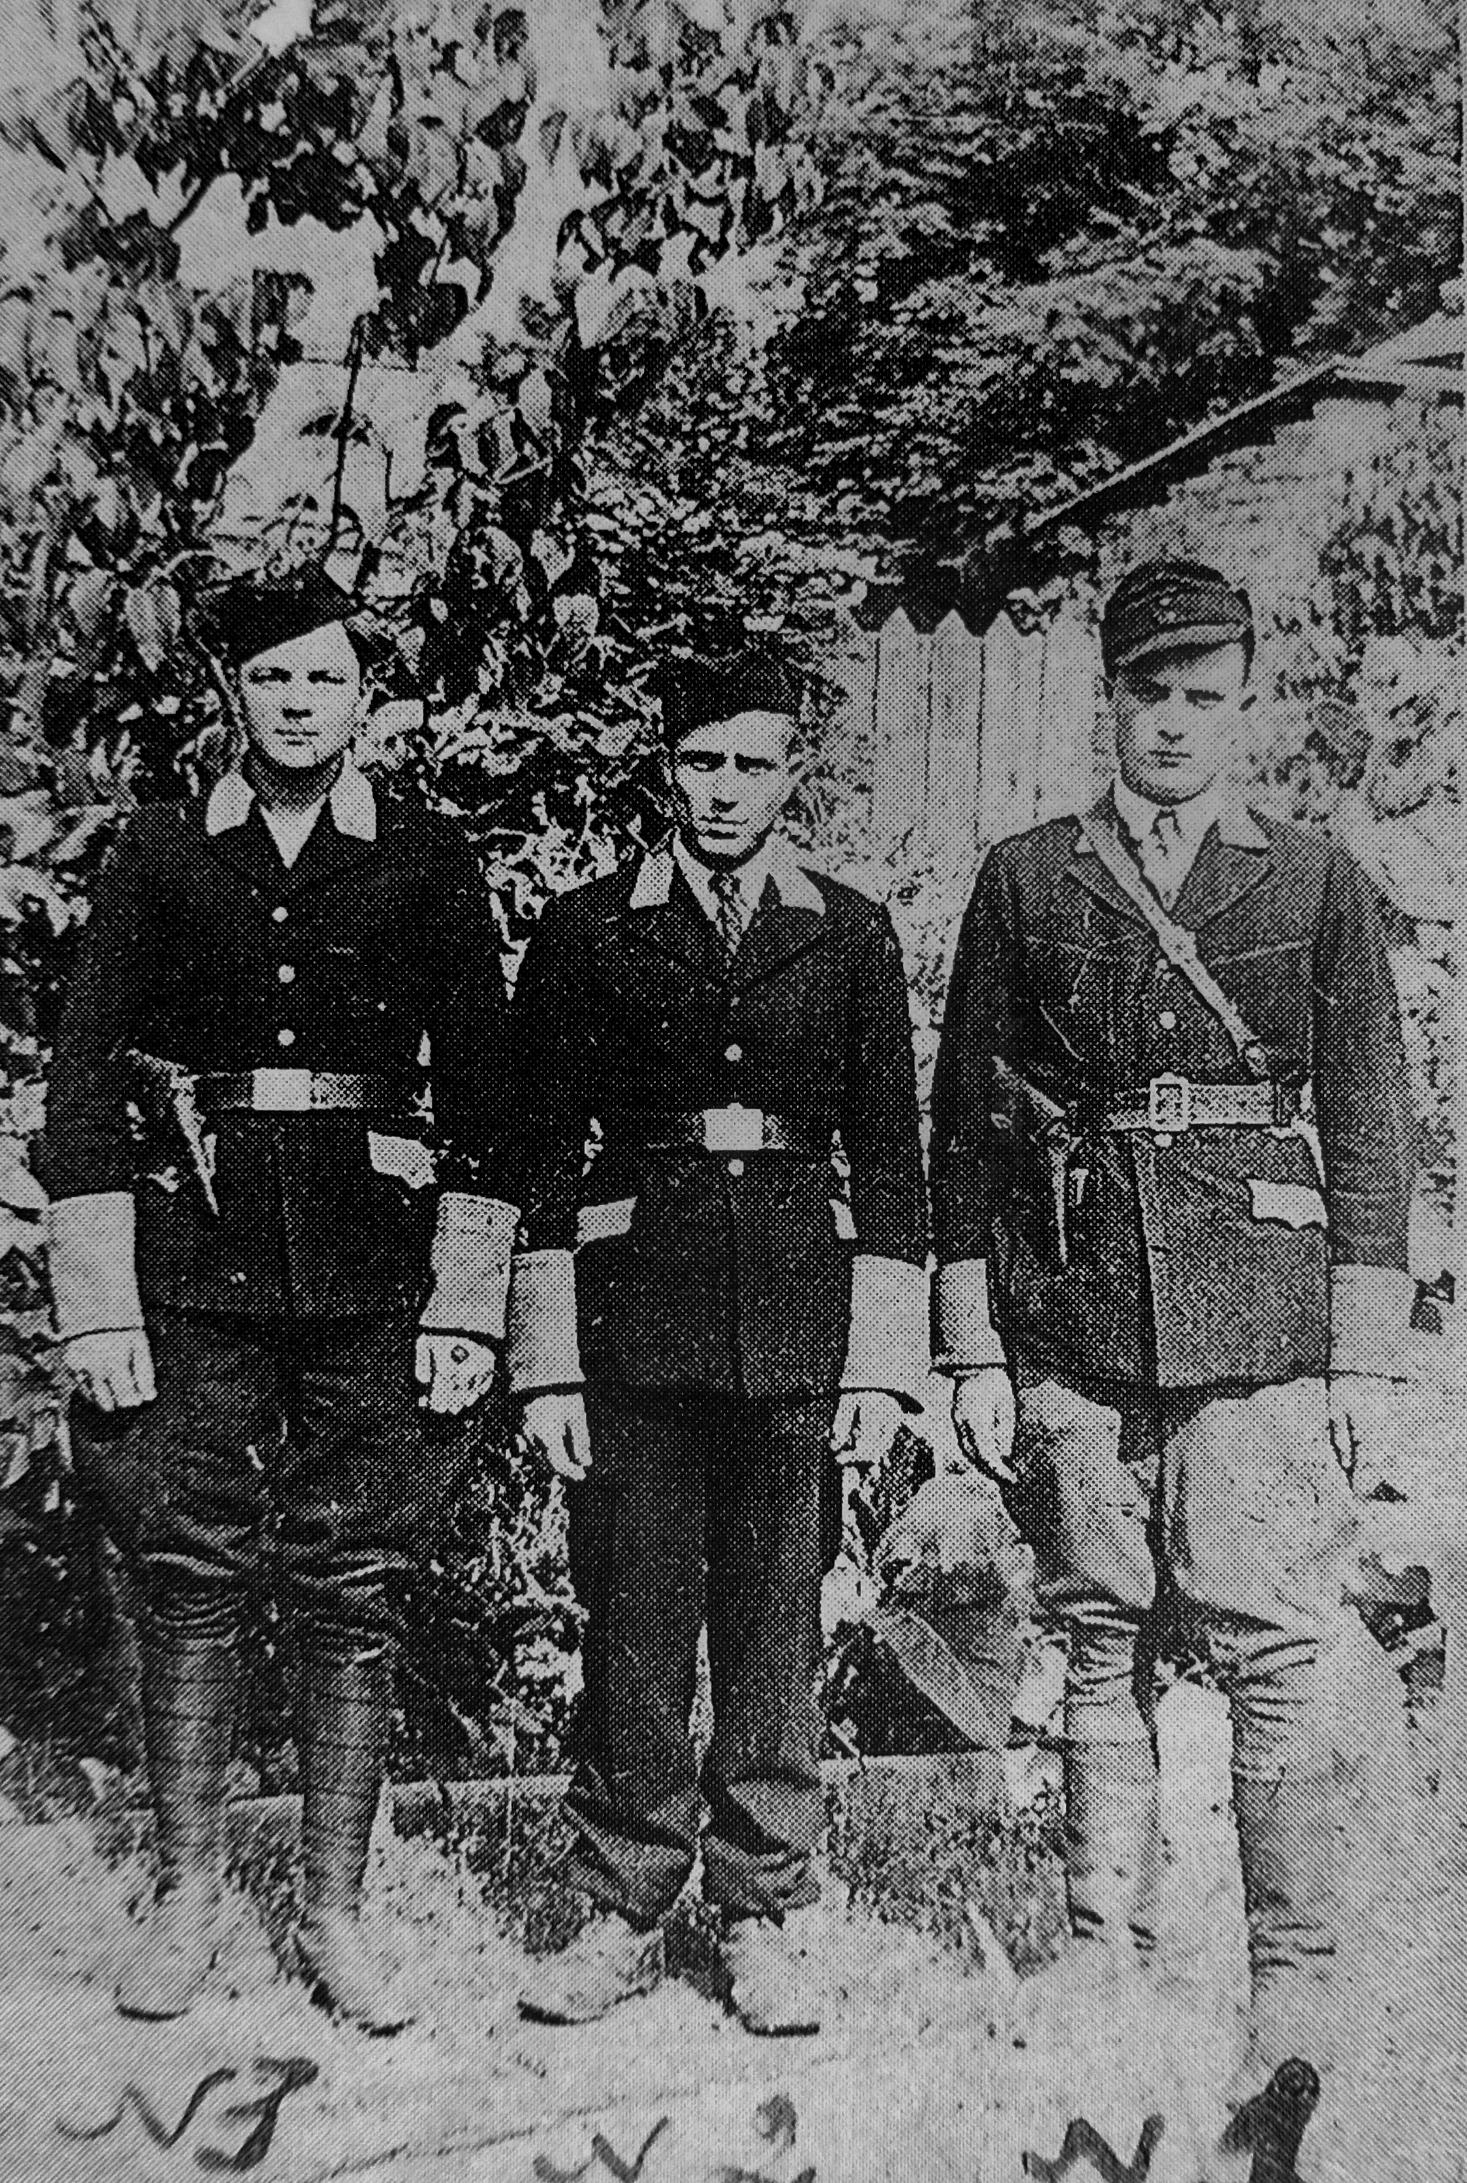 1942. Сотрудники вспомогательной полиции «шуцманшафт» (Schutzmannschaft) в оккупированном городе Несвиж